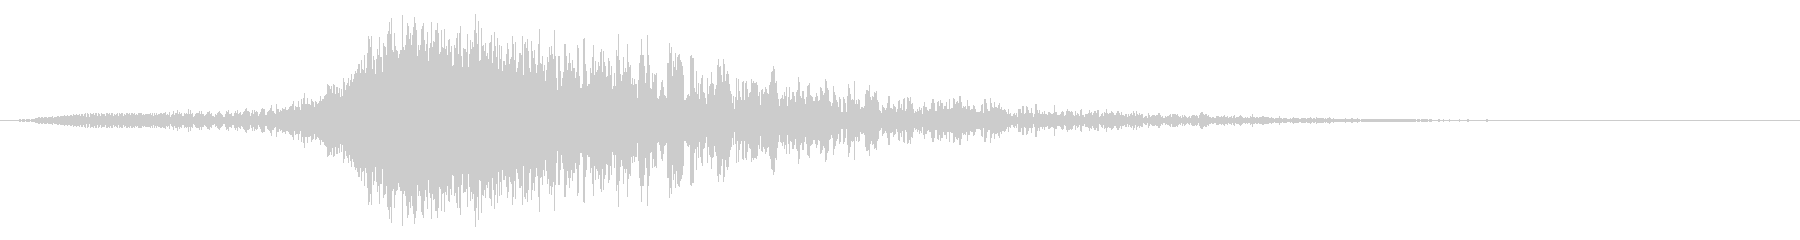 キュイーンドカーン:迫力ある上昇する音2の未再生の波形